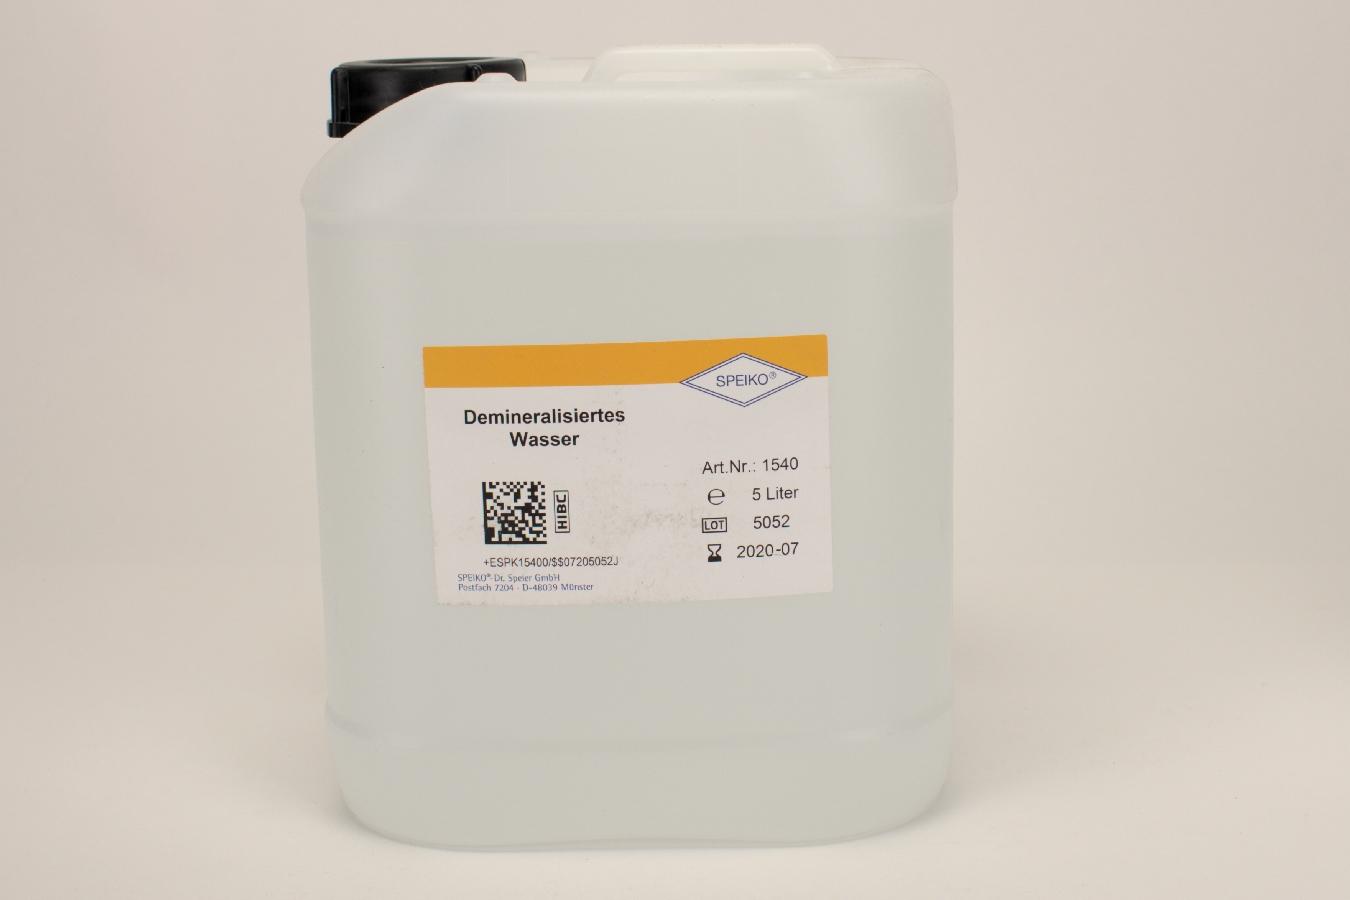 Demineralisiertes Wasser 5l Kan